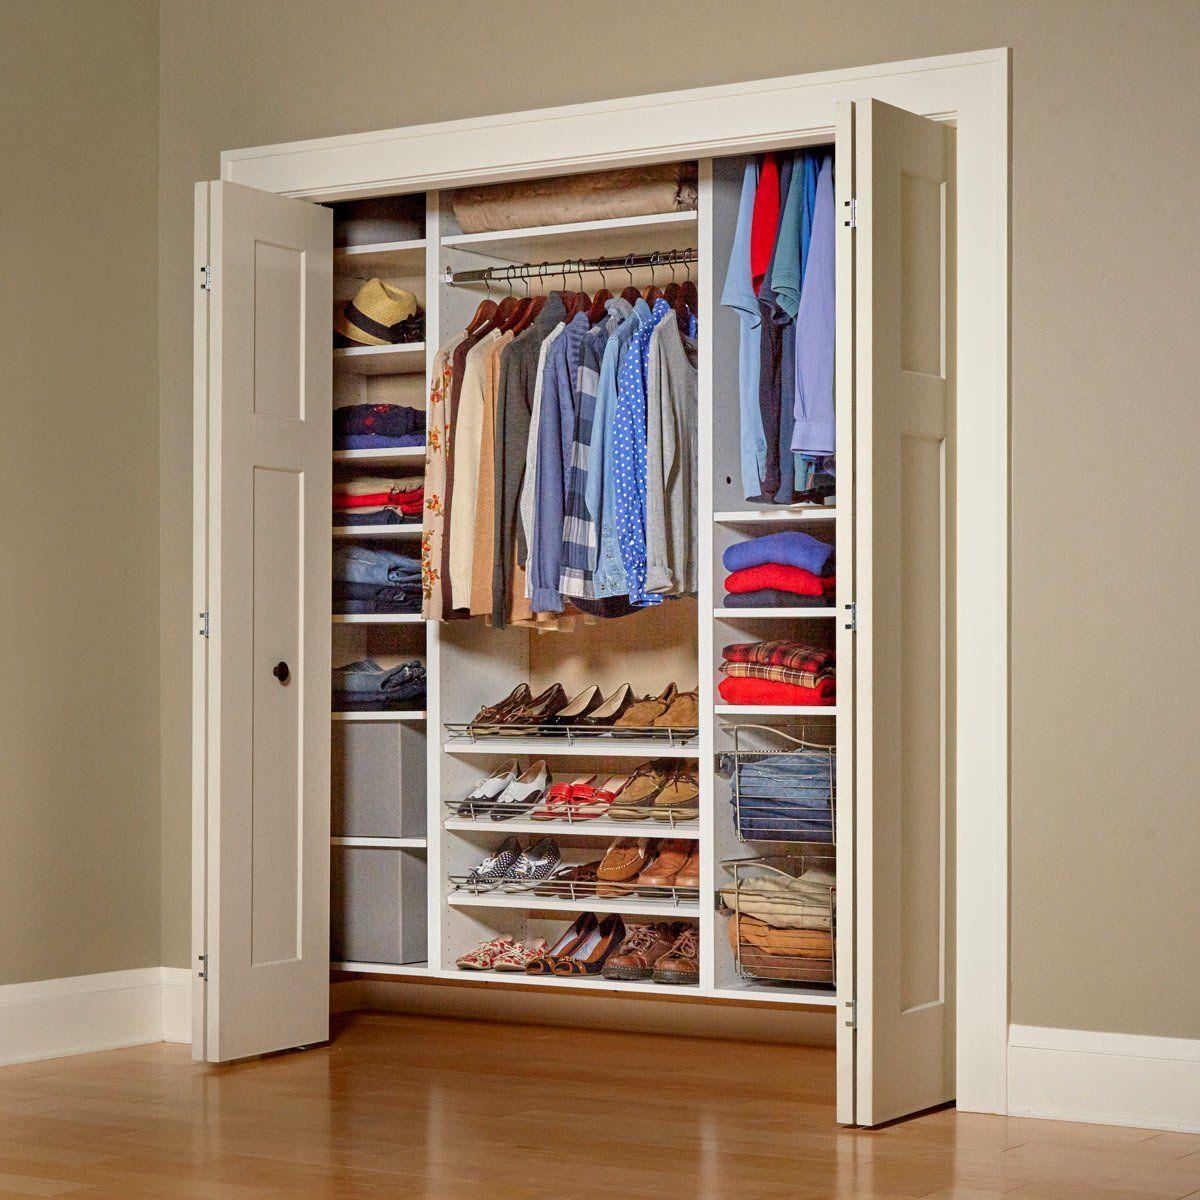 Build Your Own Melamine Closet Organizer Closet Built Ins Diy